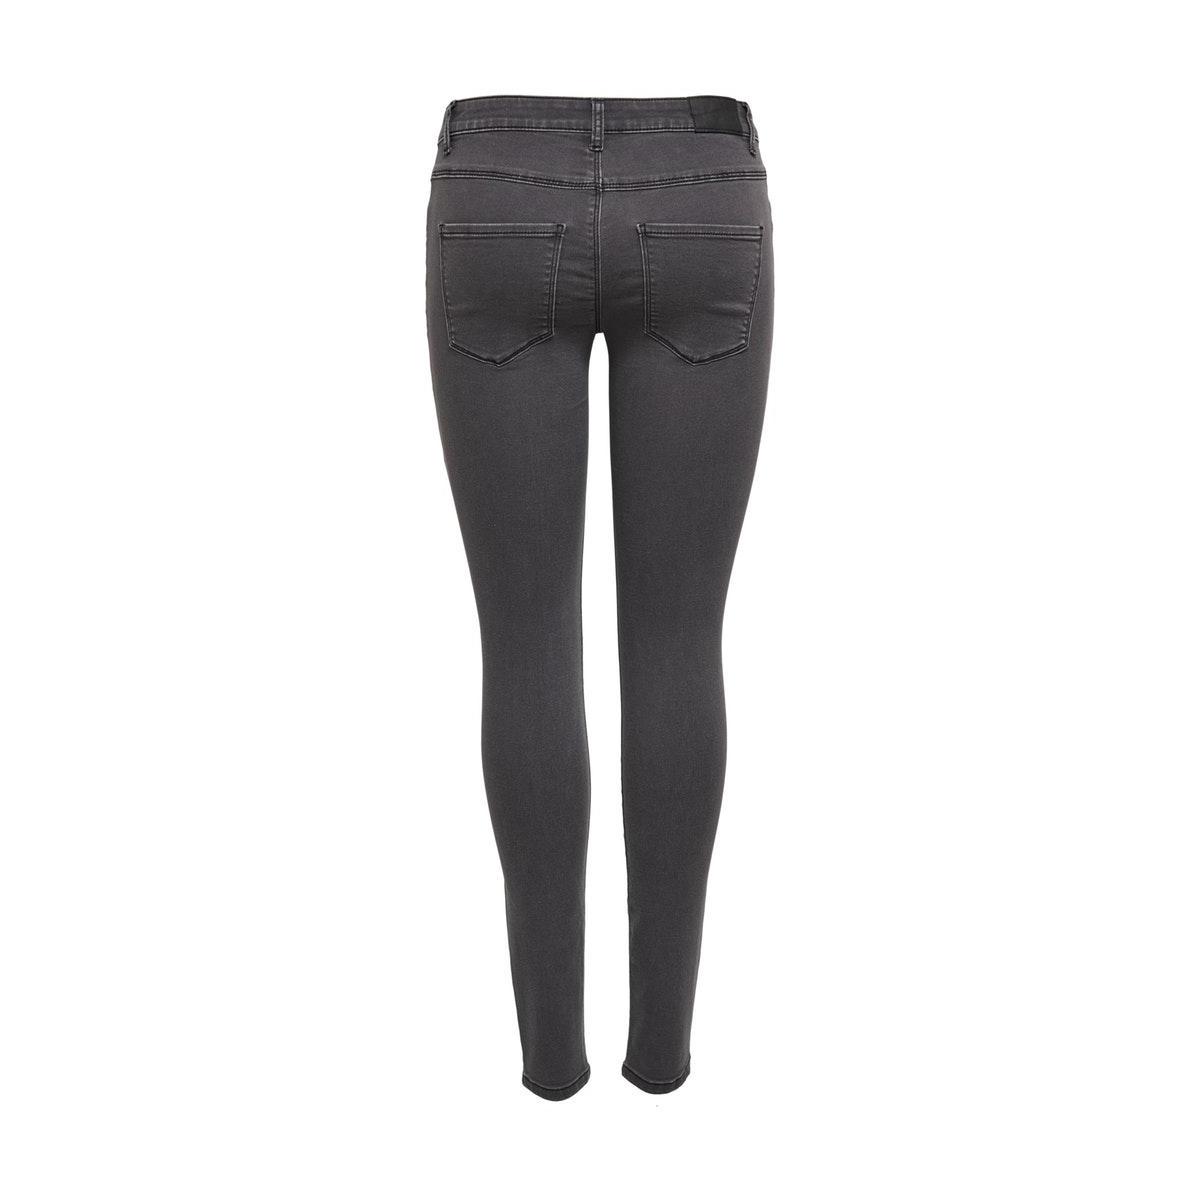 jdyskinny reg. ulle grey jeans dnm 15137729 jacqueline de yong jeans grey denim